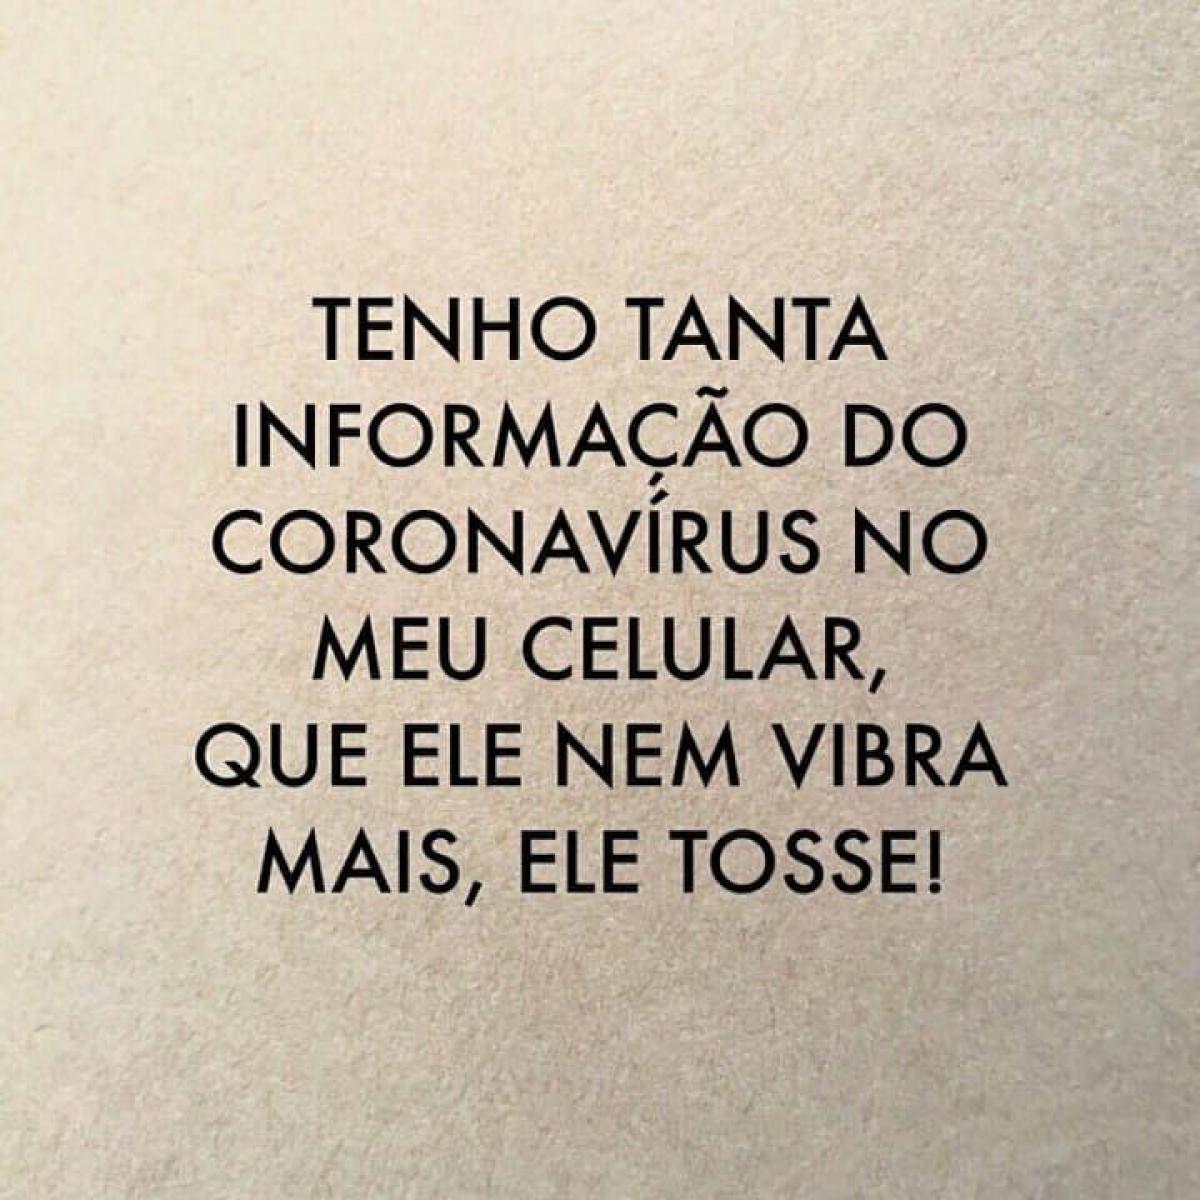 Coronavírus 'espalha' novos memes nas redes sociais em MT | Gazeta Digital